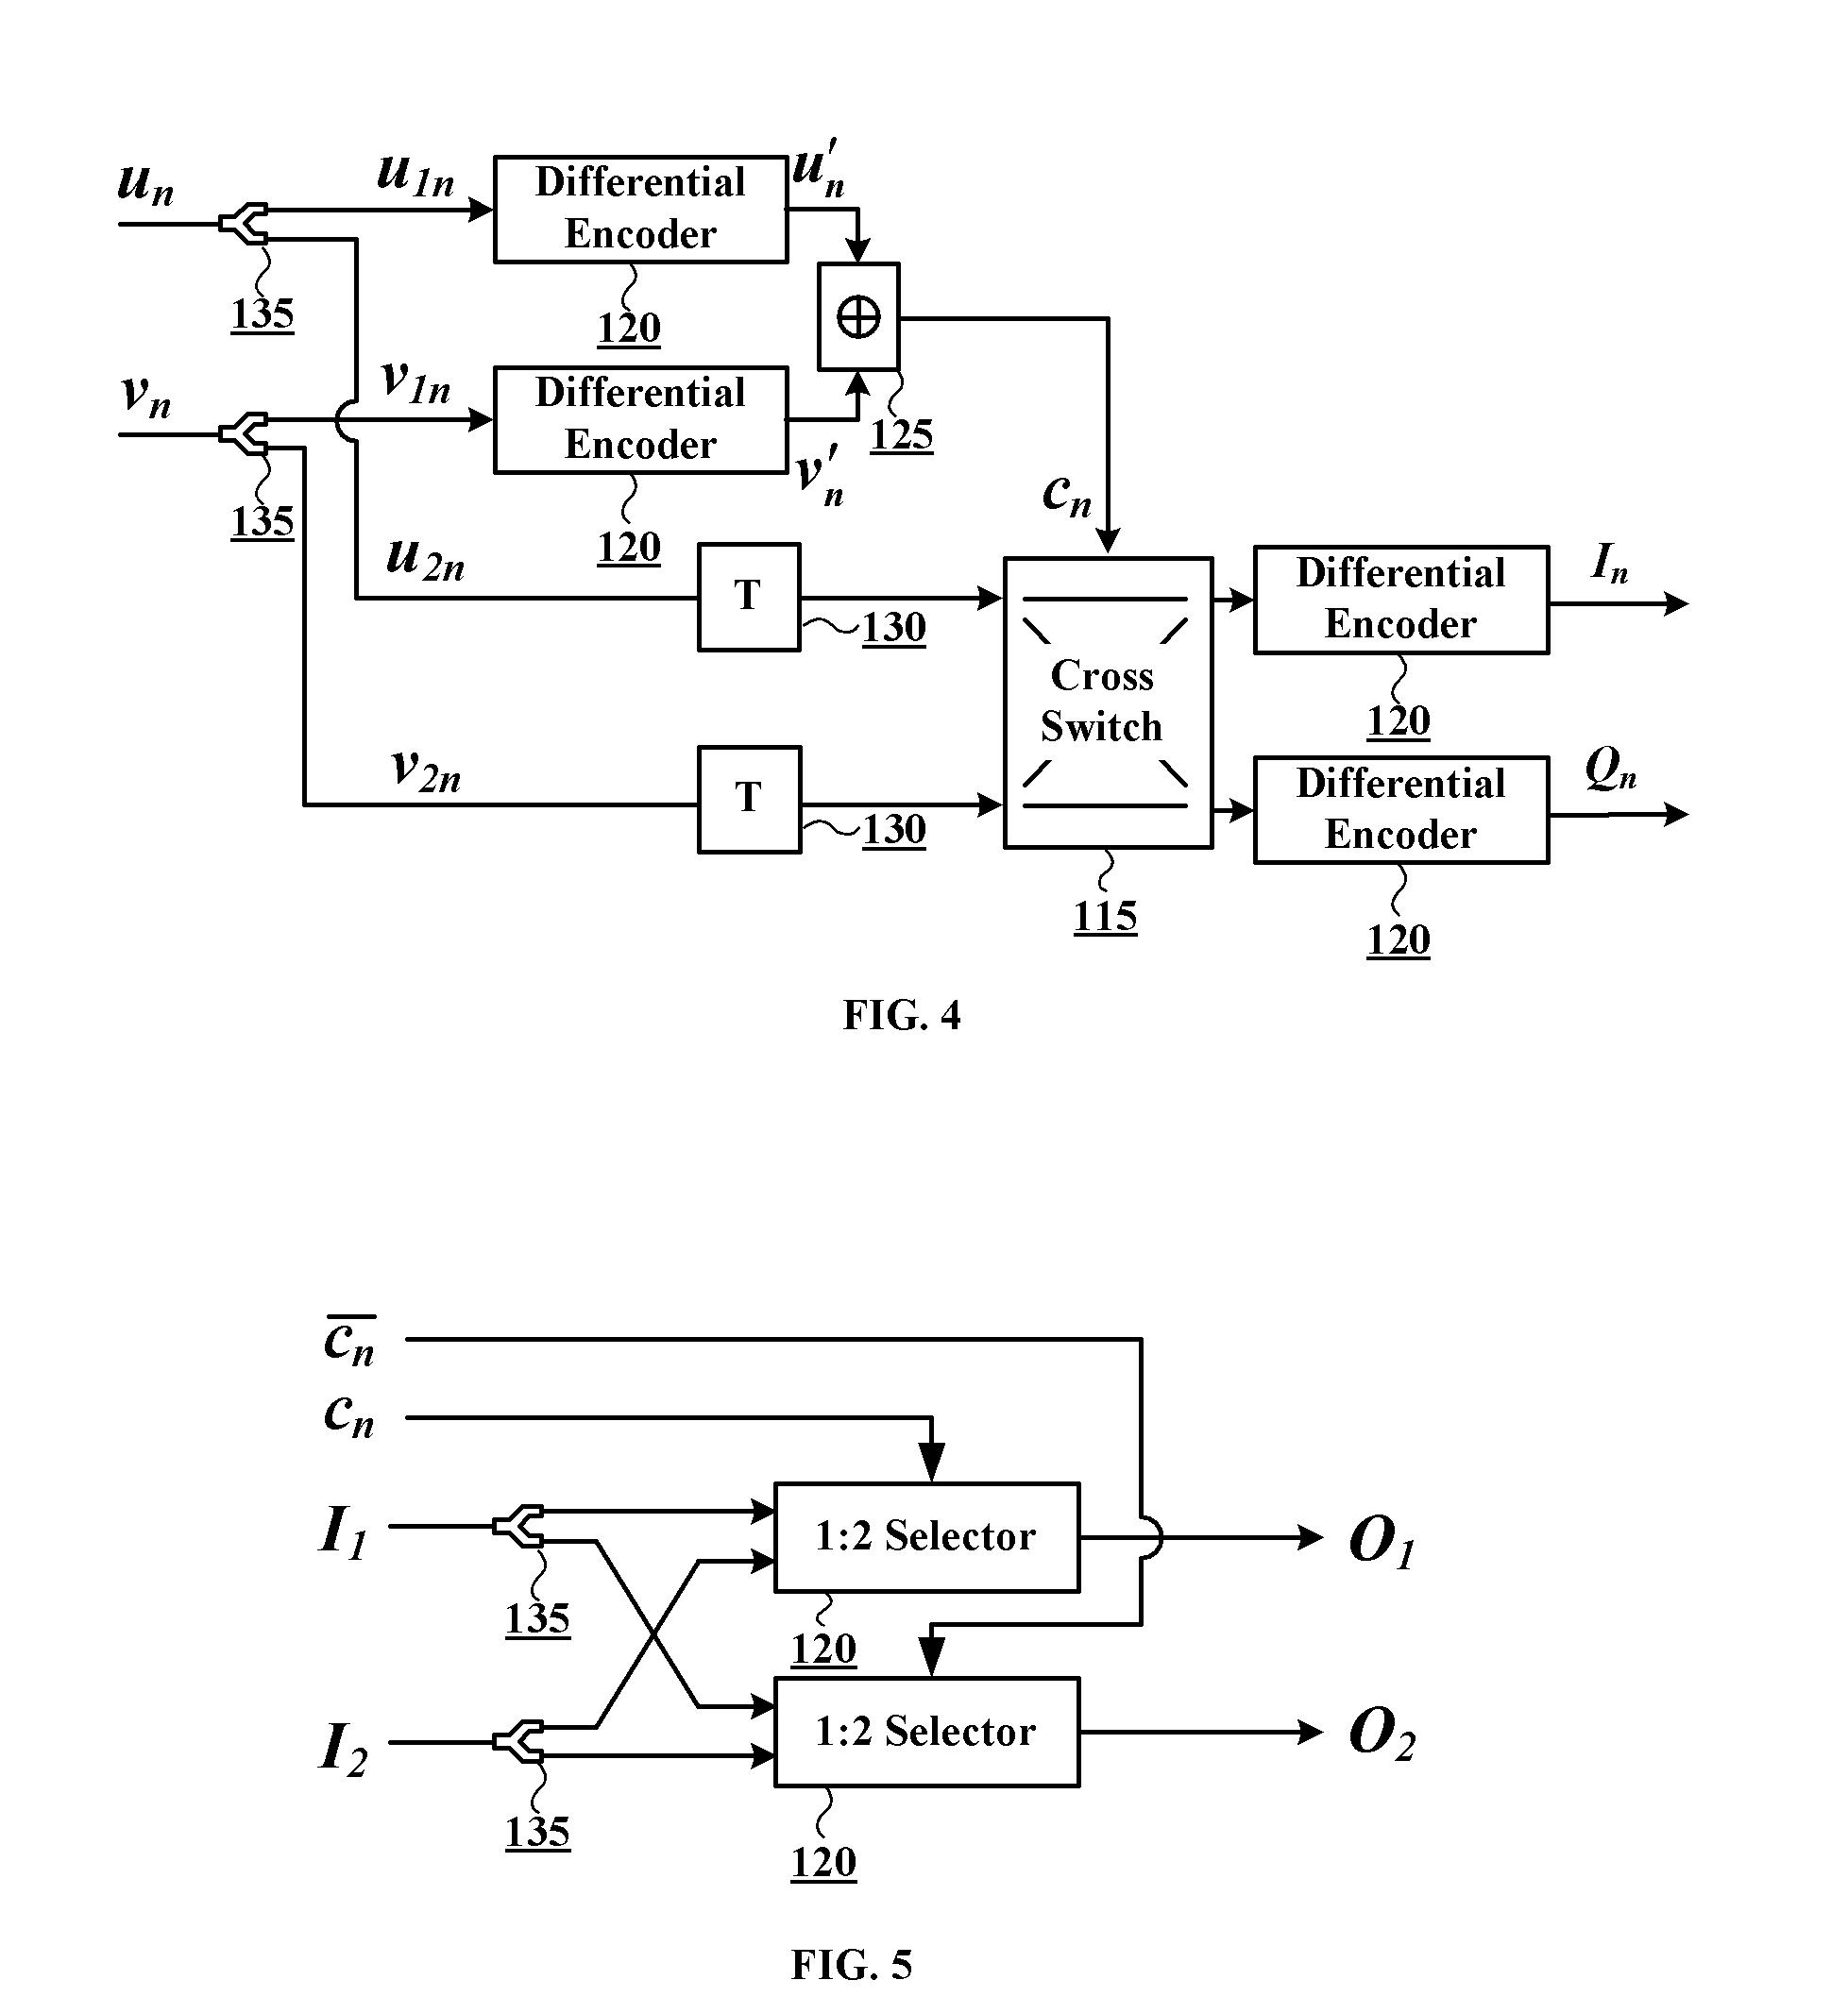 براءة الاختراع US20100172655 - Non-feedback pre-encoder for